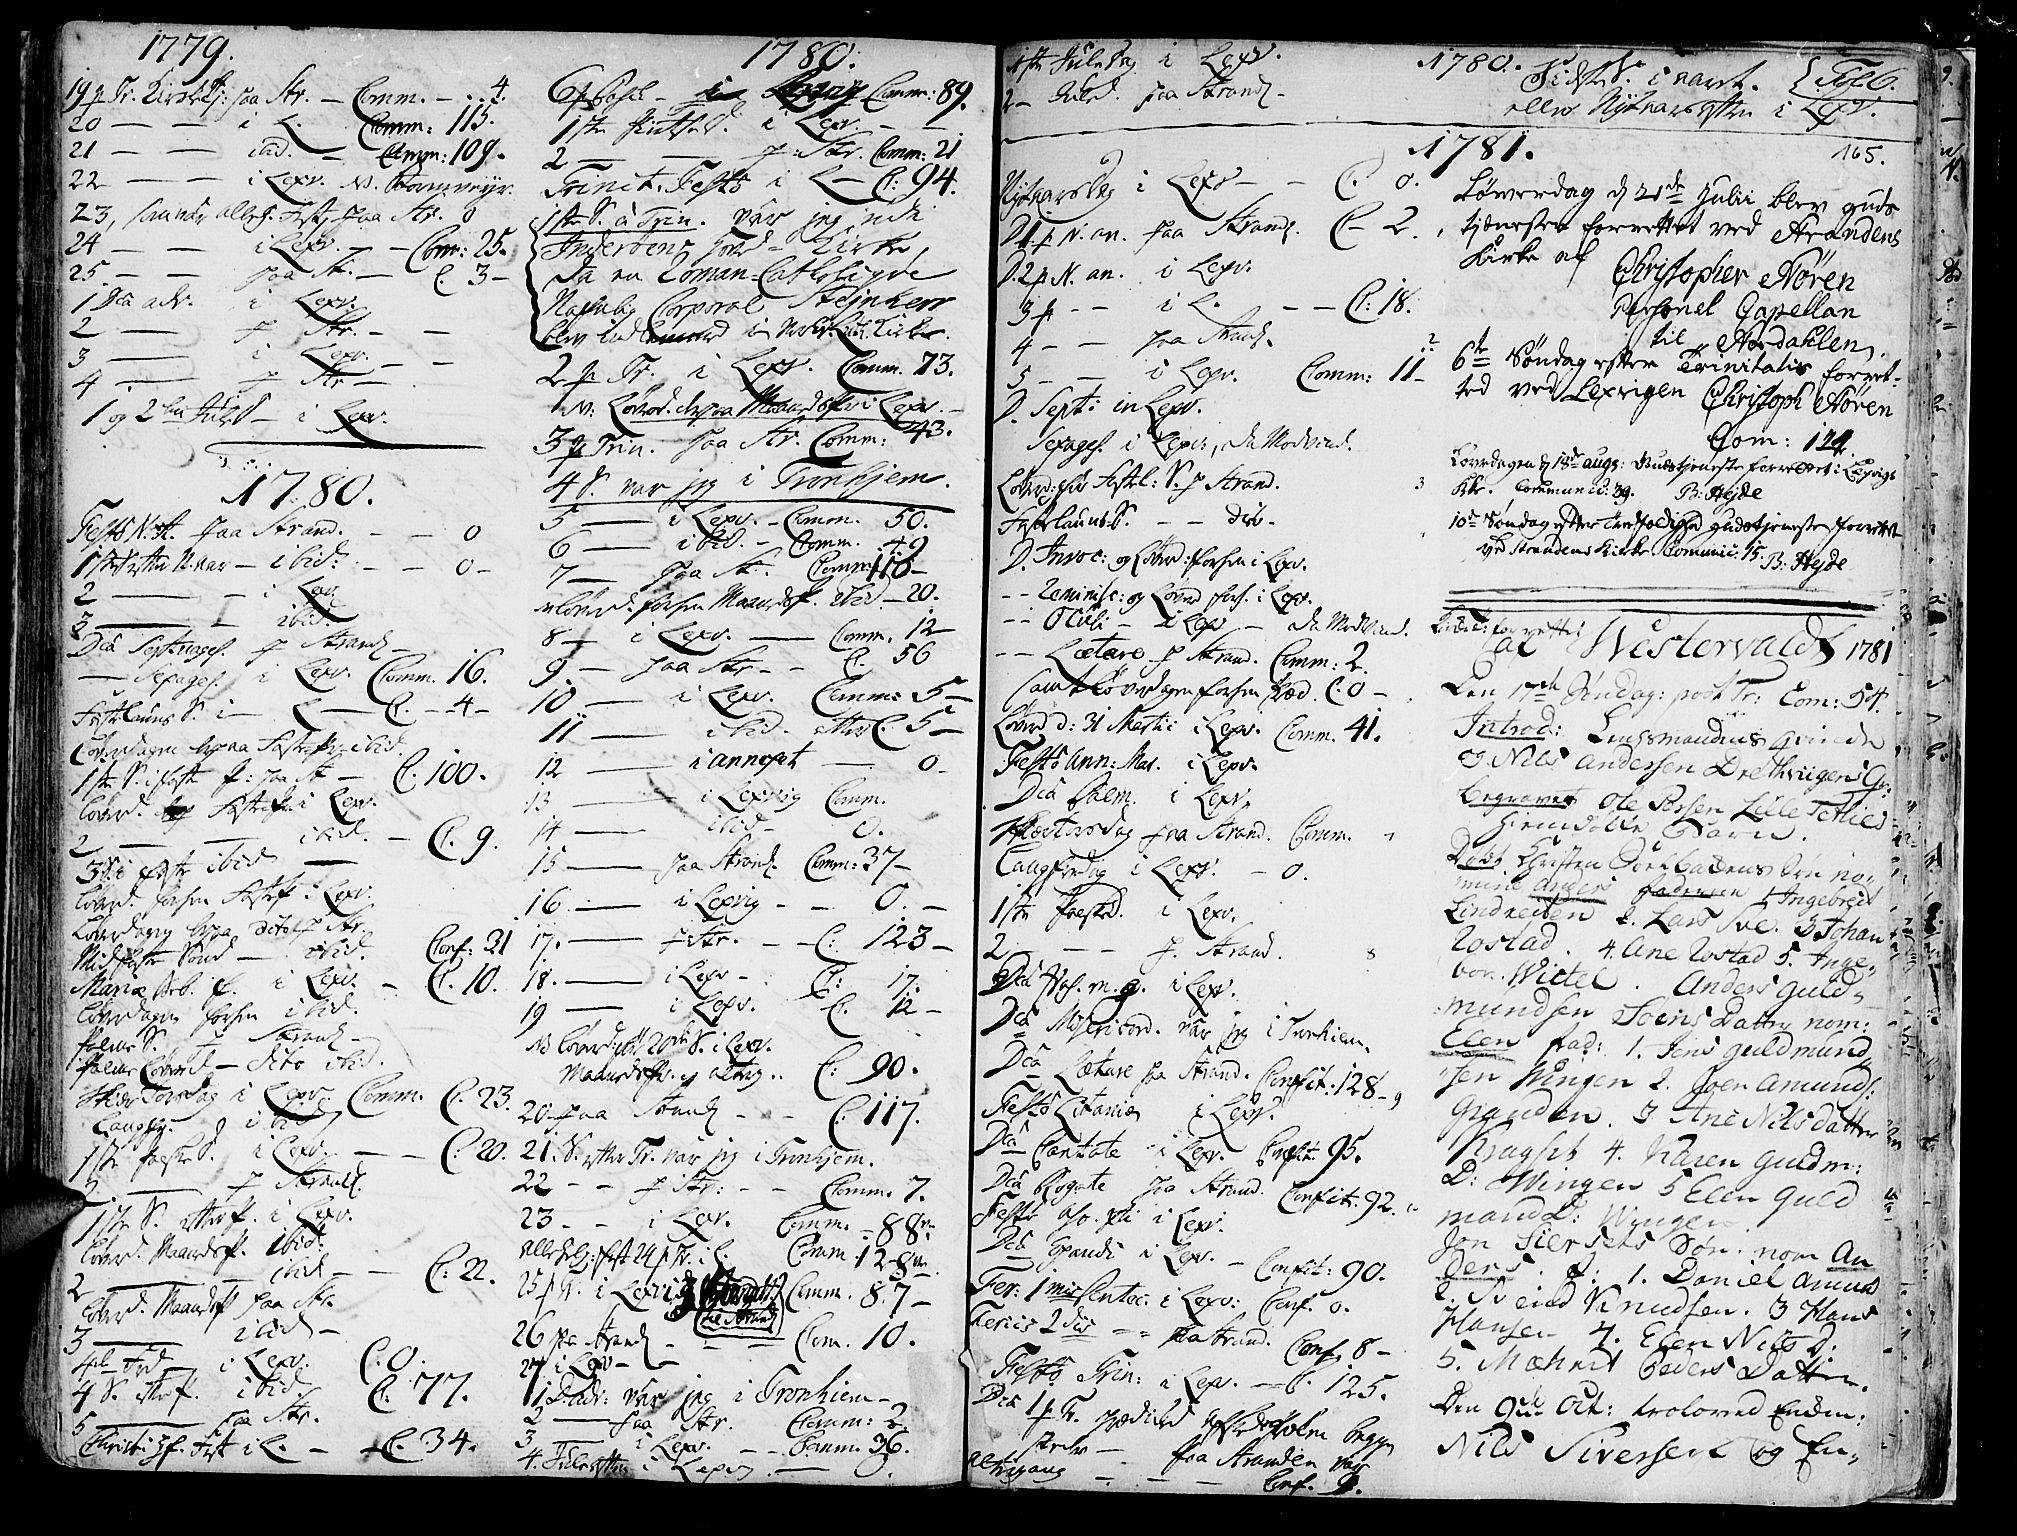 SAT, Ministerialprotokoller, klokkerbøker og fødselsregistre - Nord-Trøndelag, 701/L0003: Ministerialbok nr. 701A03, 1751-1783, s. 165